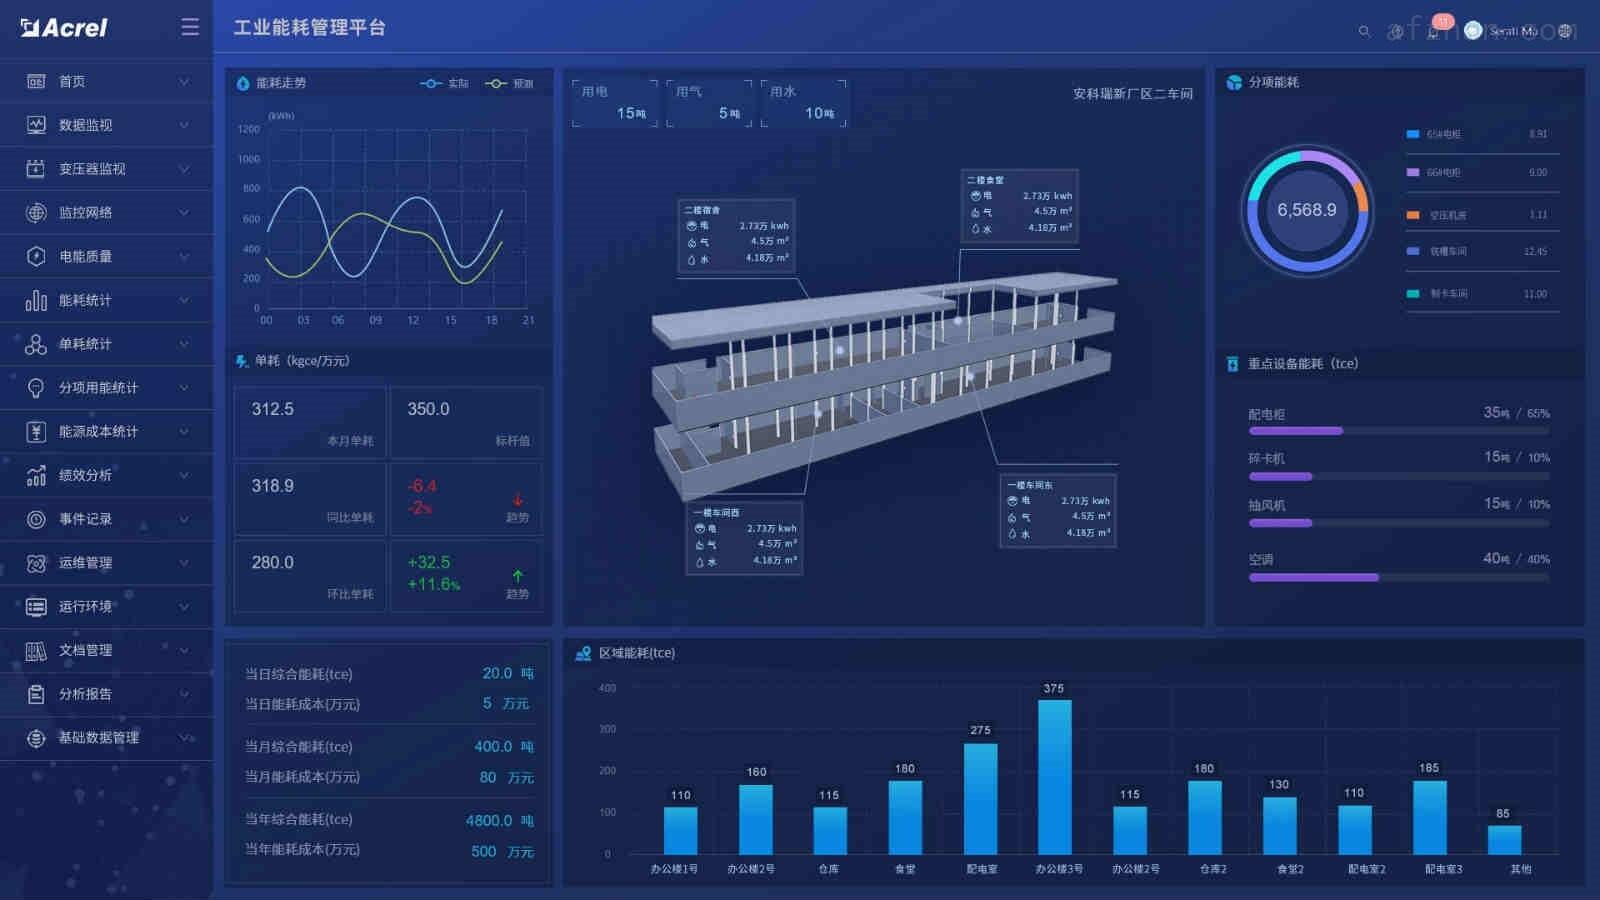 河南濮阳能源互联网管理平台上市品牌